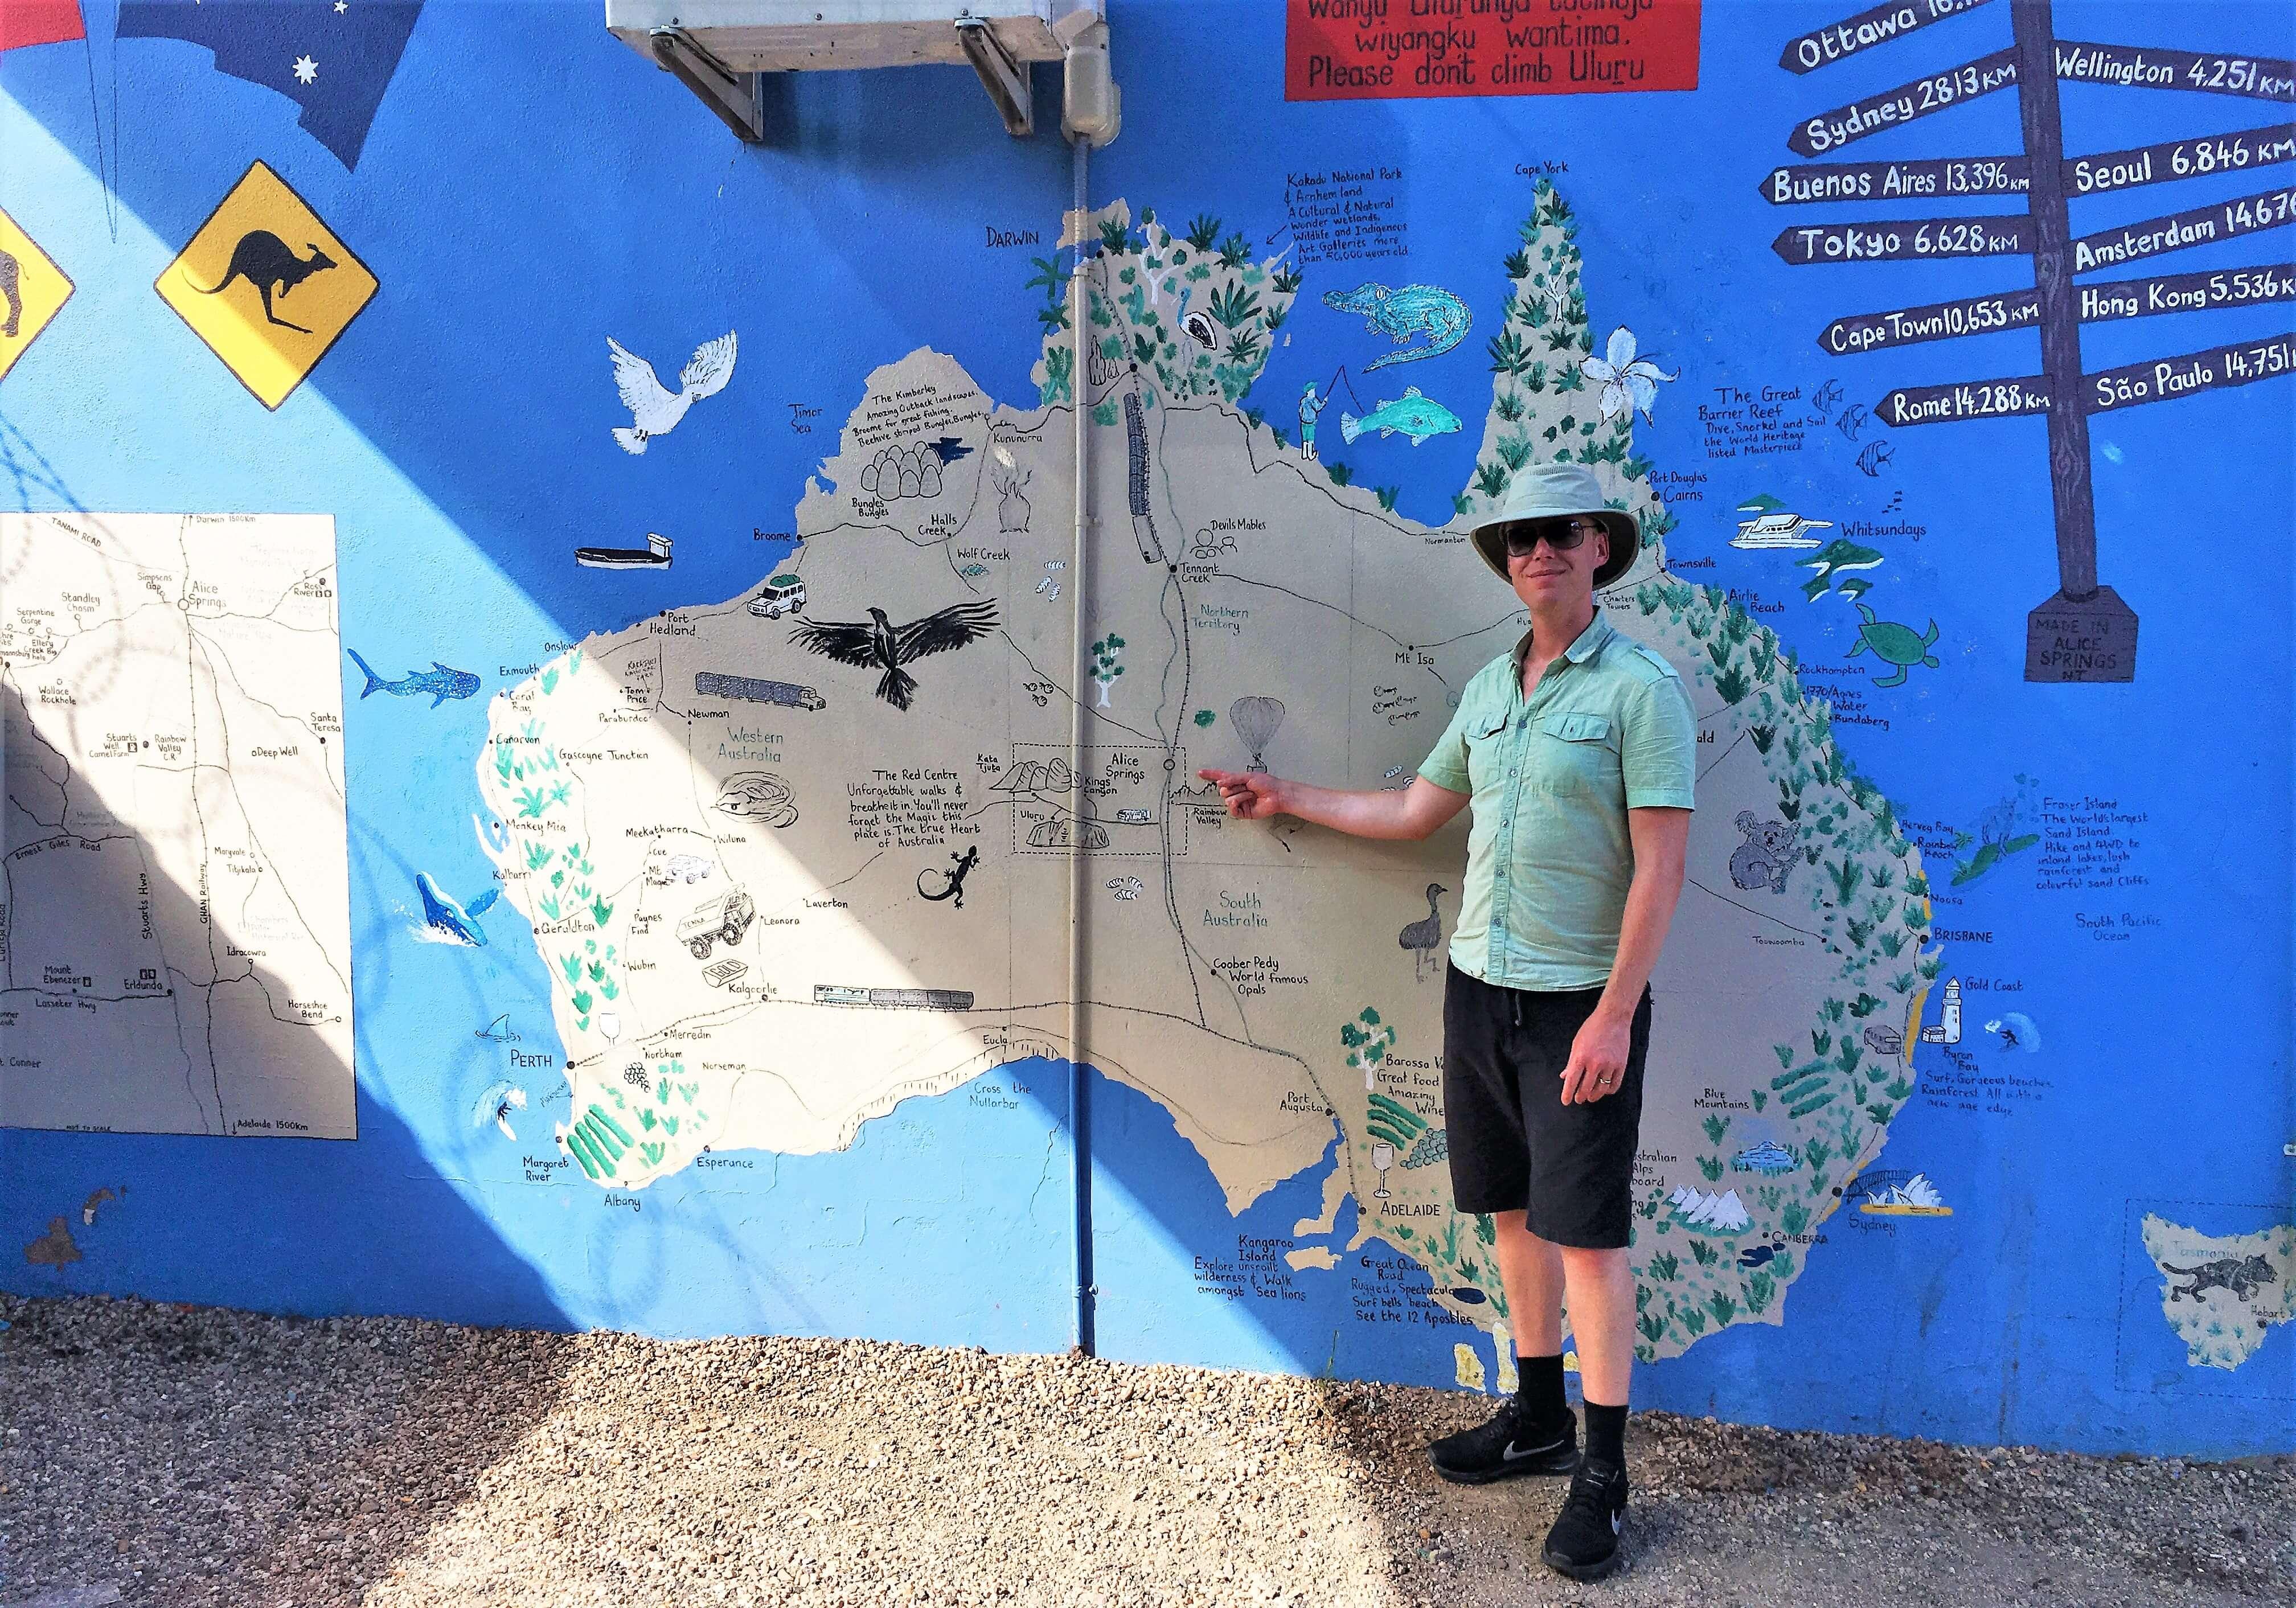 Carte de l'Australie pour un tourdumondiste